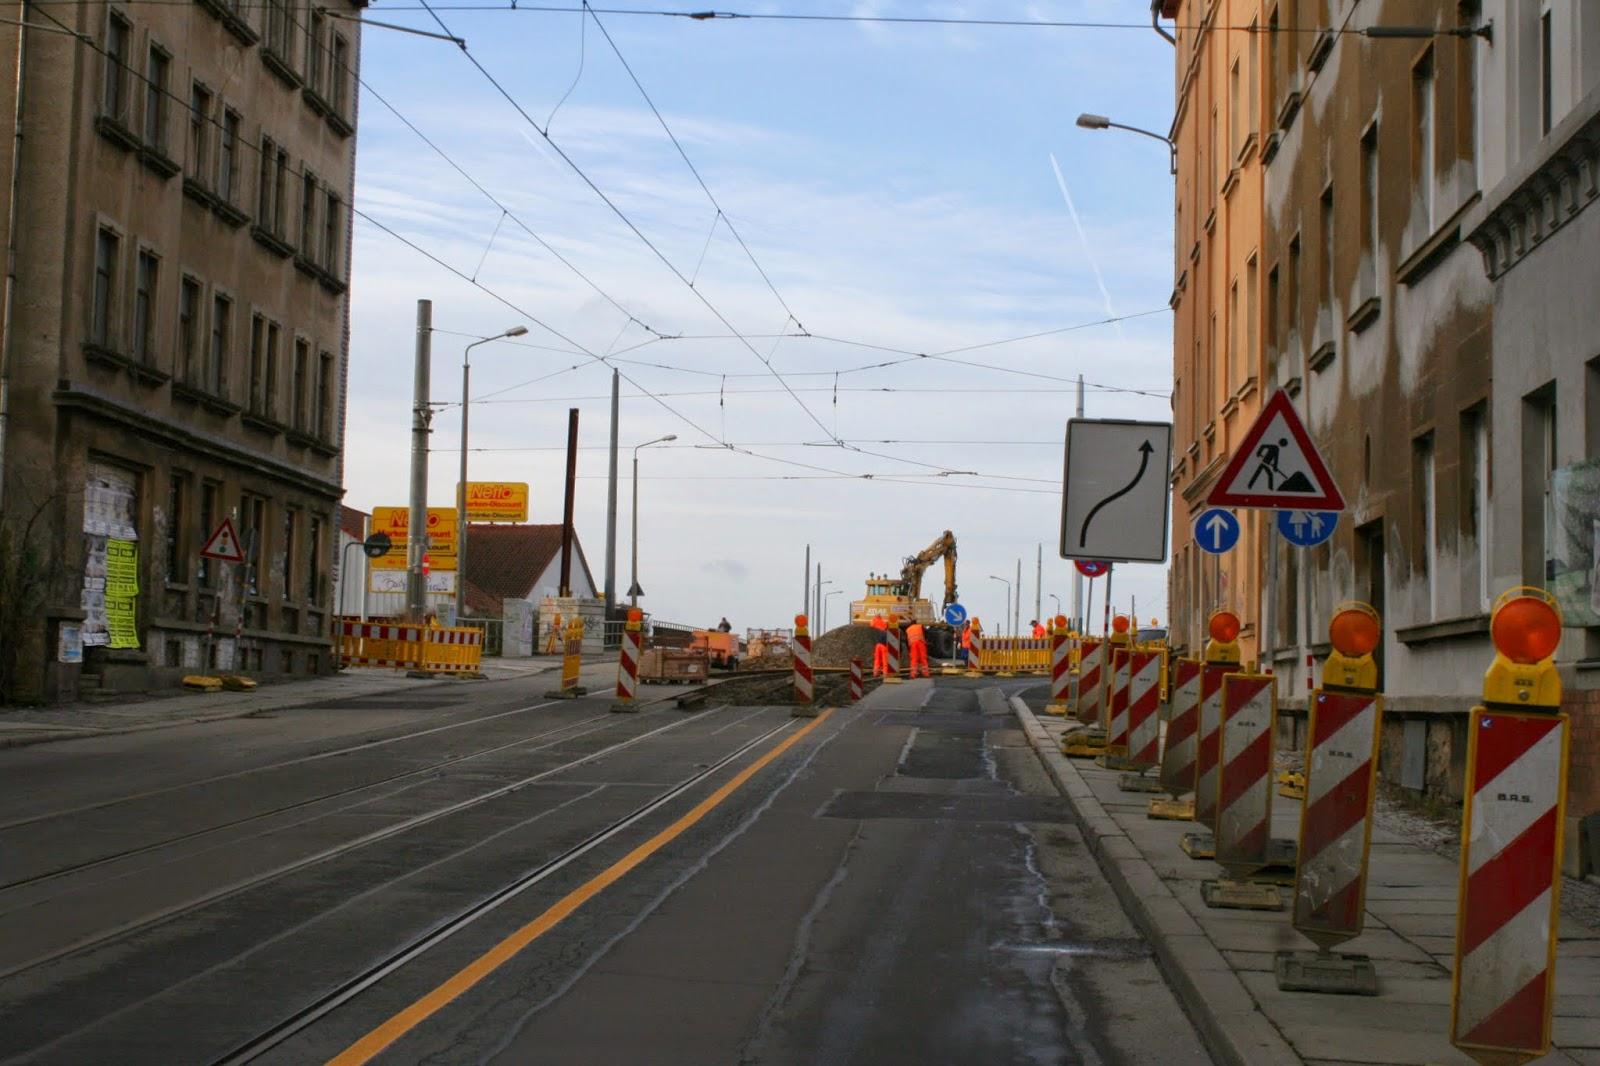 Antonienbrücke 21.12.2014 - Gesperrt für LVB und Fahrzeuge, die Straßenbahnschienen werden umgelegt, sodaß diese auch über den Wall fahren kann